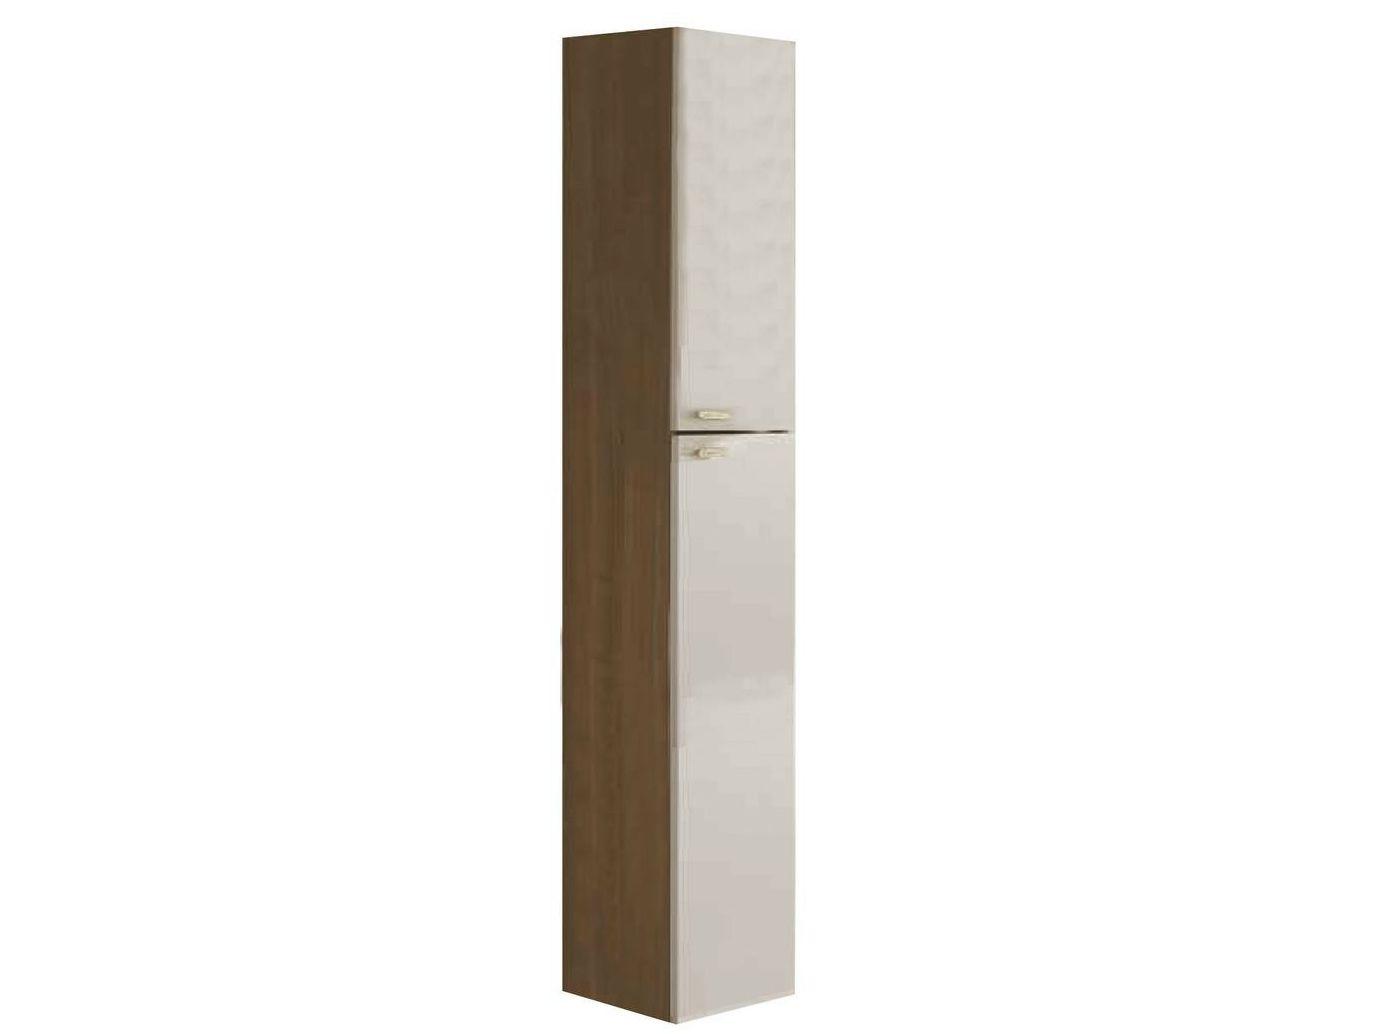 Meuble pour salle de bain haut avec portes connect e6853 for Bain avec porte prix